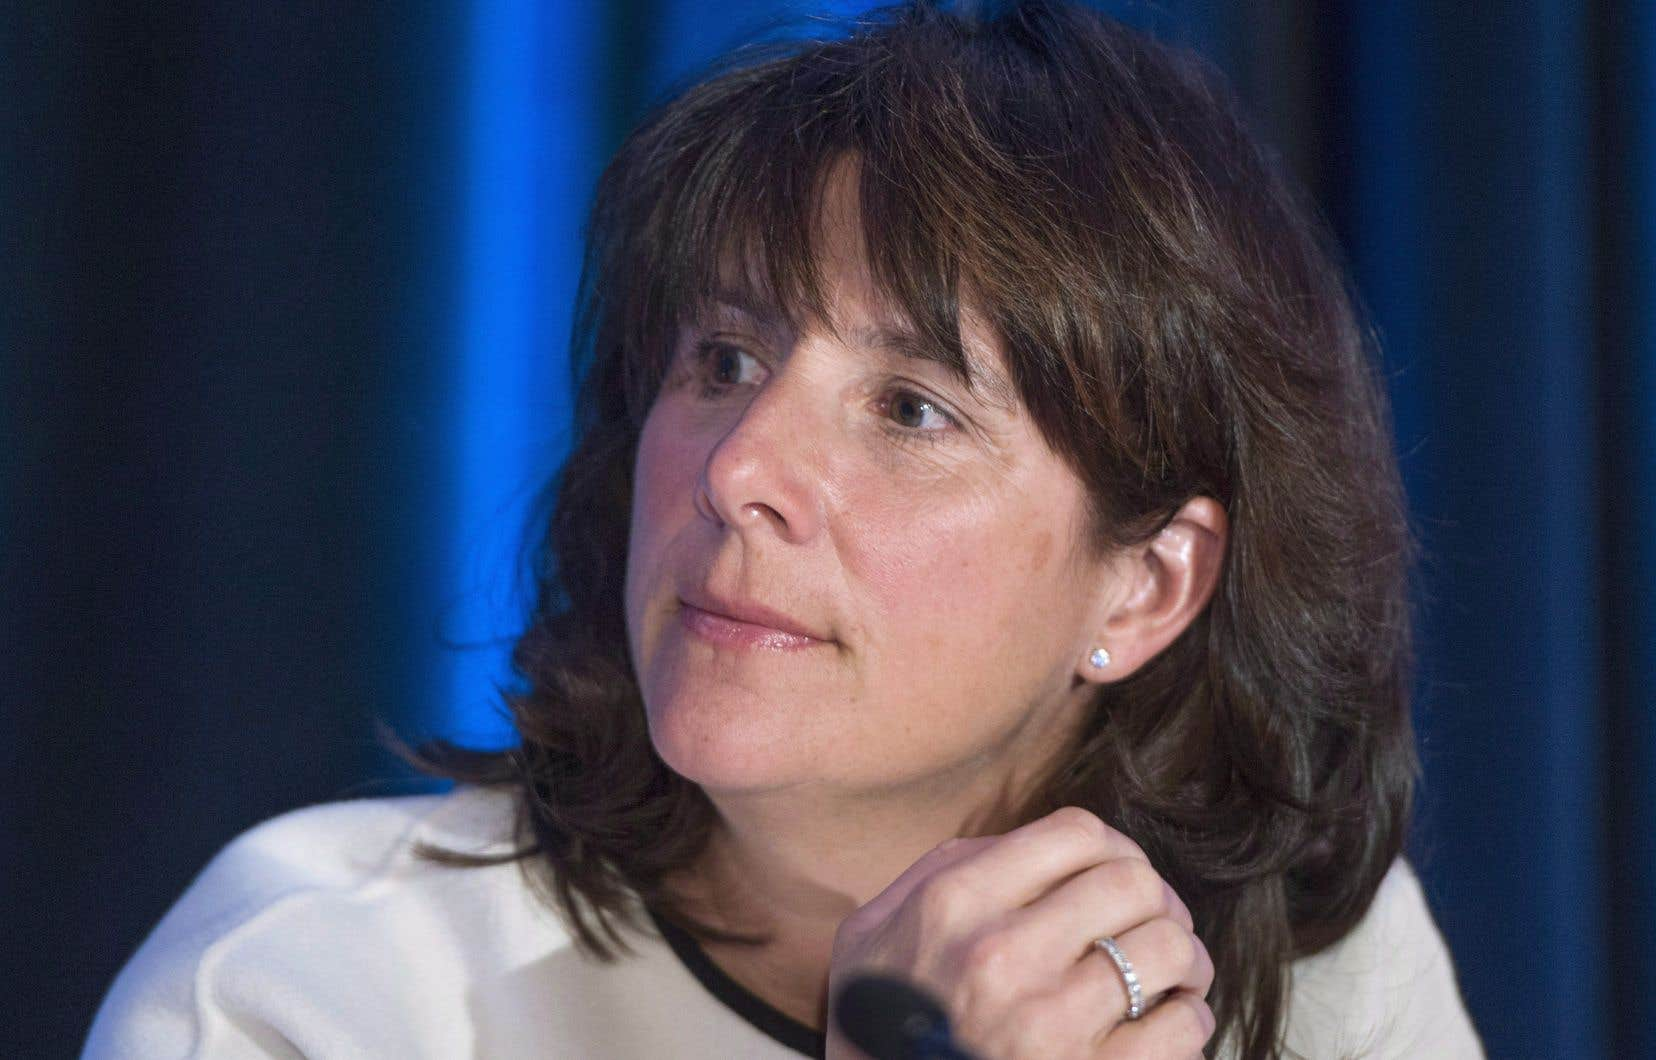 MmeBrochu, qui jouit d'une réputation enviable dans le milieu des affaires, a quitté la direction d'Énergir au mois de décembre 2019 après un règne de 12ans.